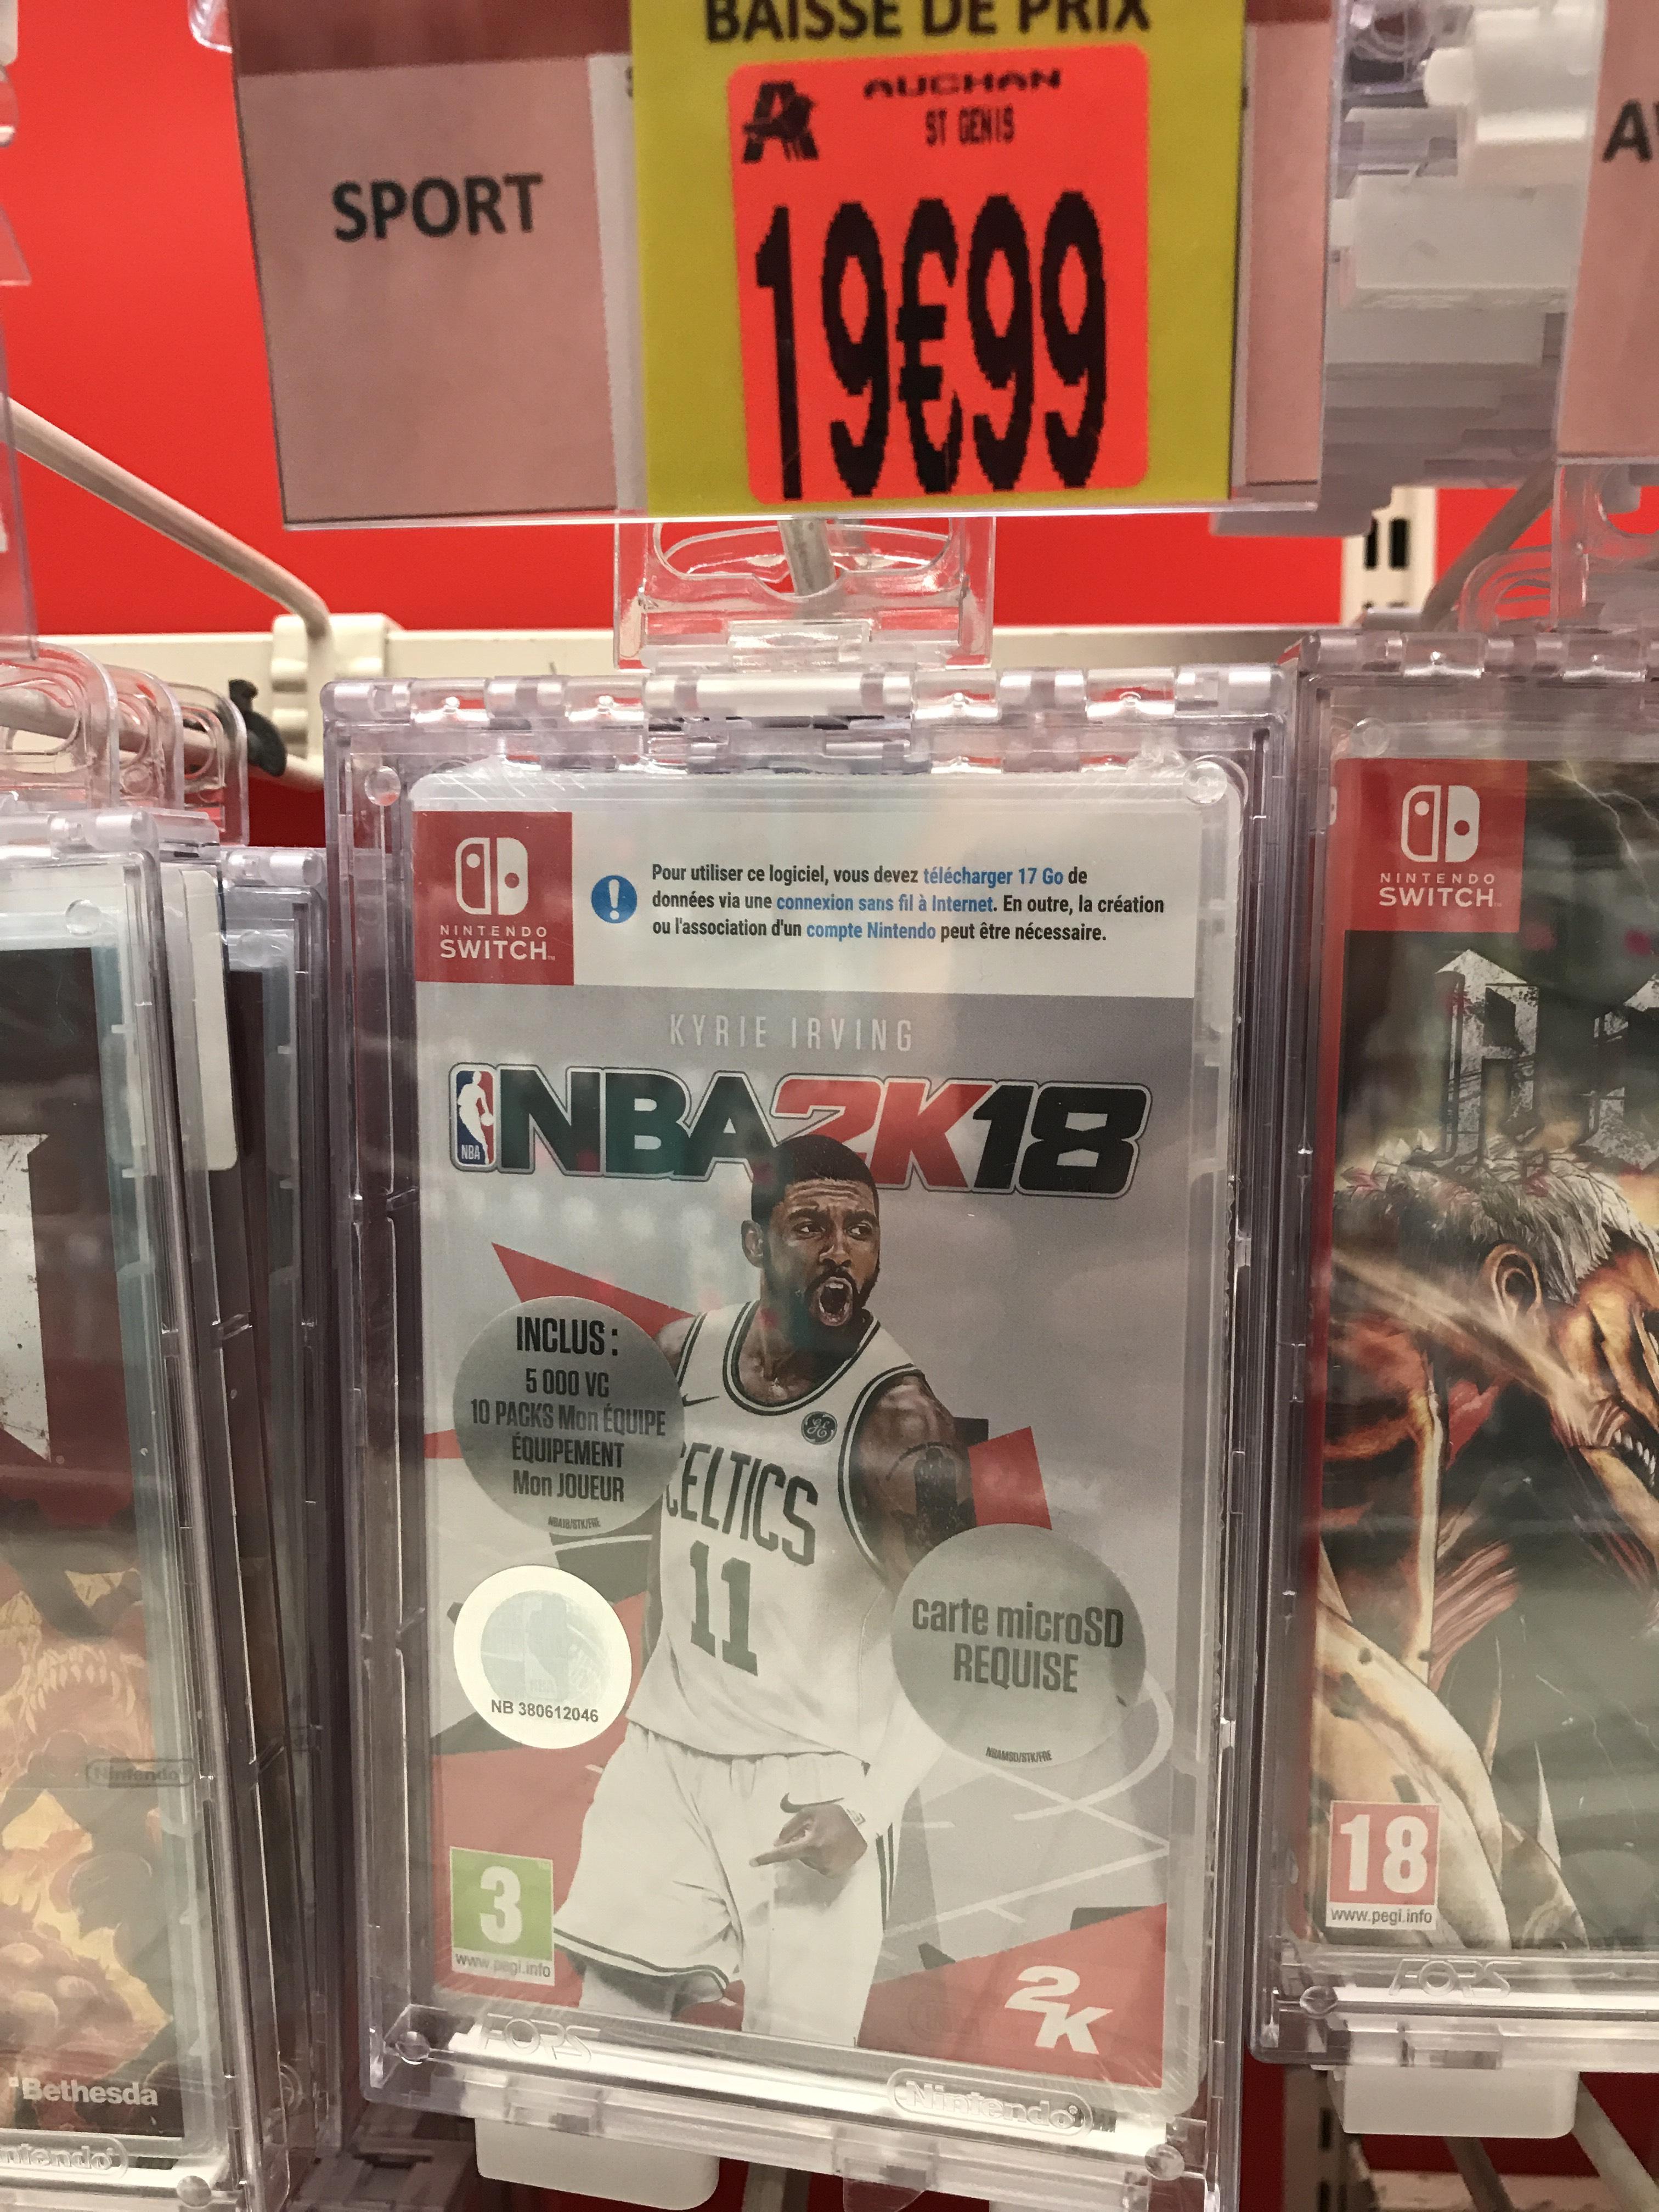 NBA 2k18 sur Nintendo Switch - Saint Genis Laval (69)